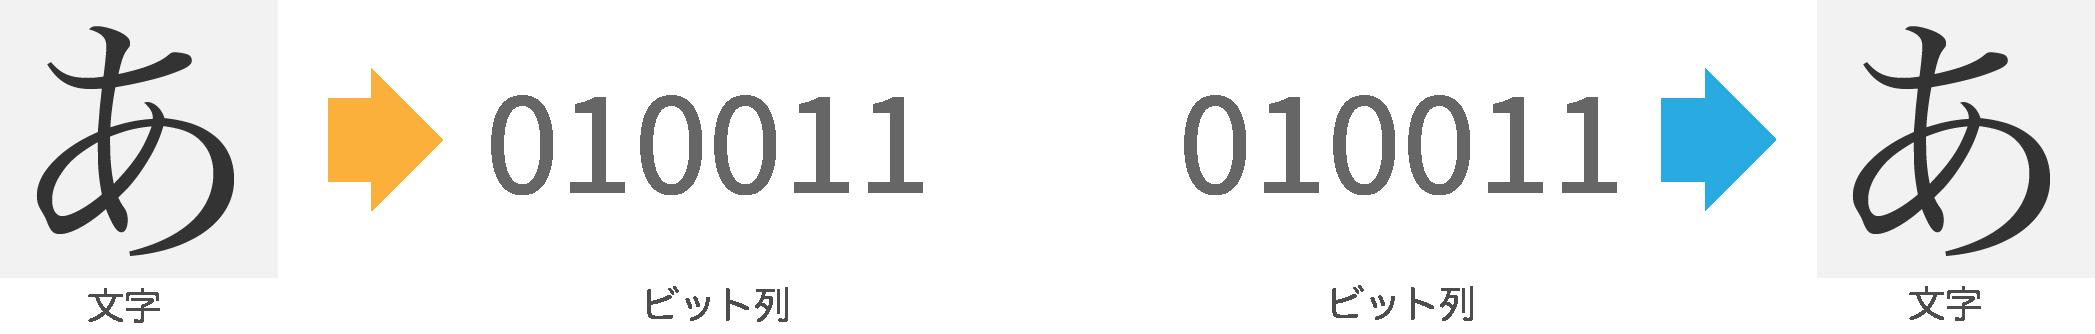 文字コード